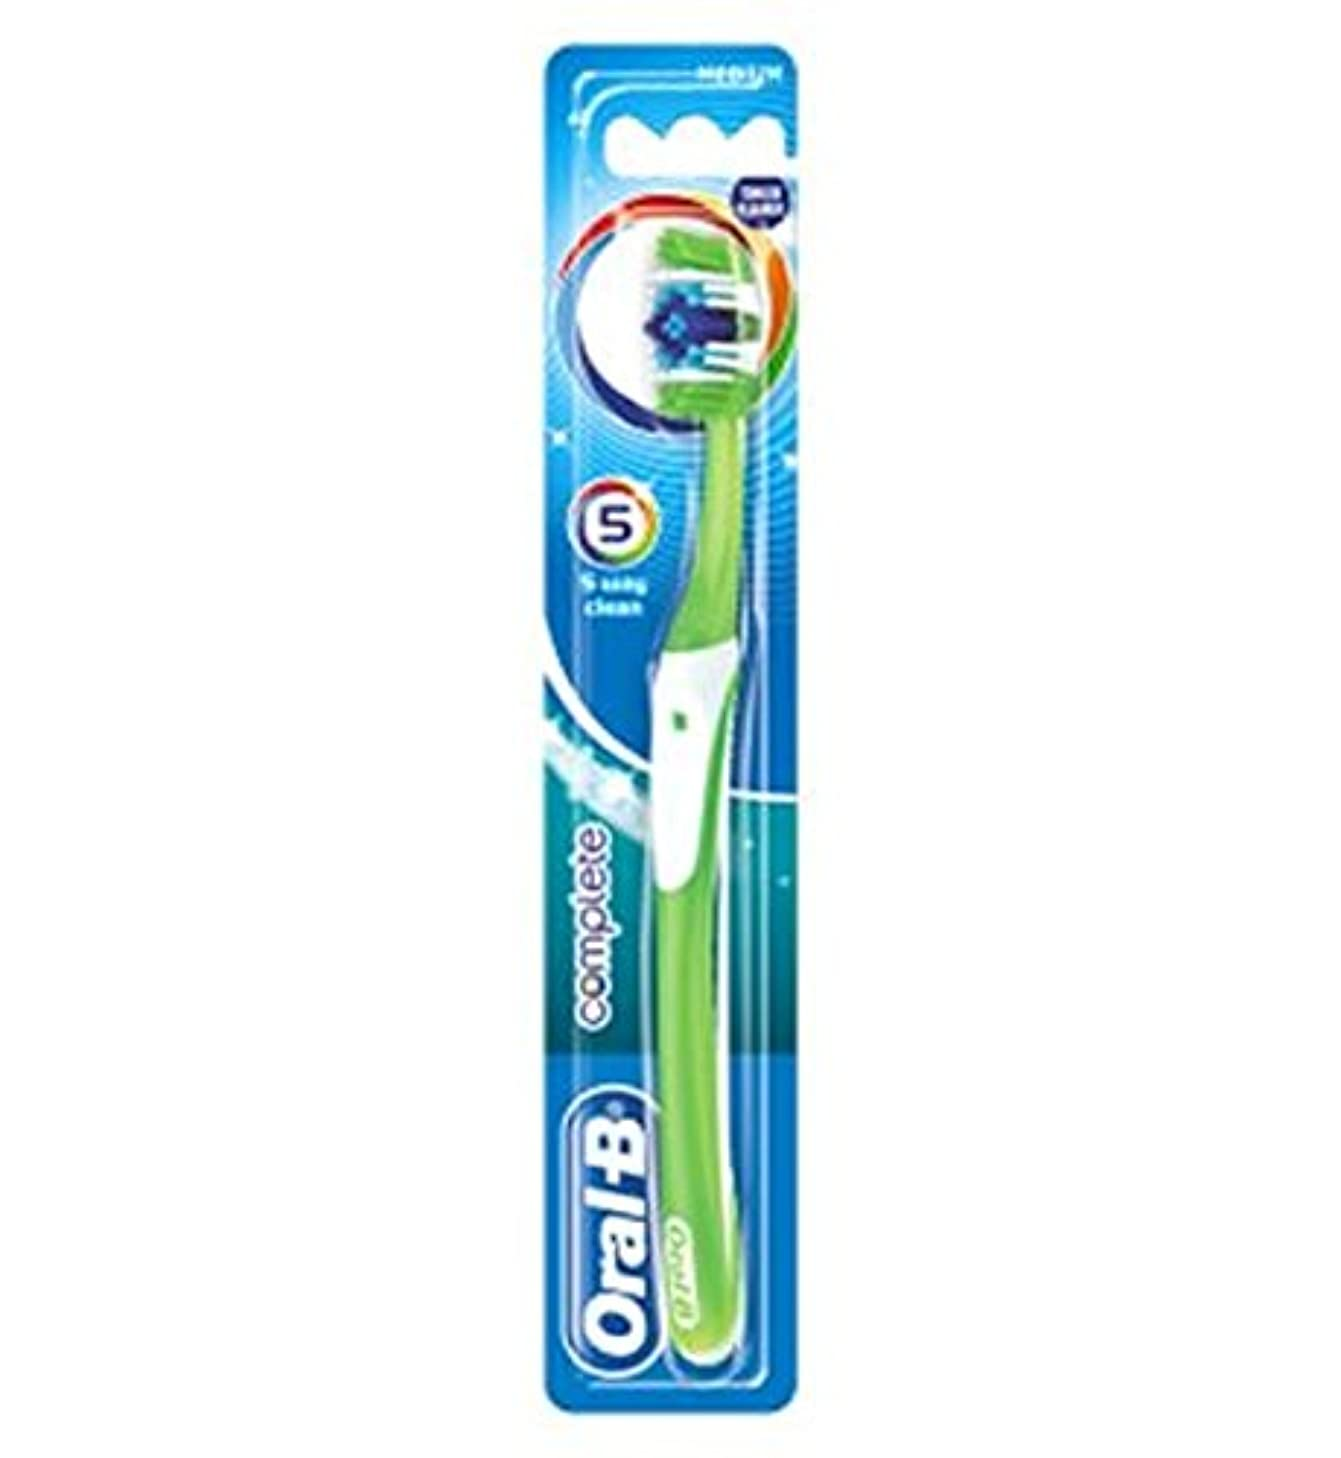 疎外する論争確立しますオーラルBの完全な5道クリーンなメディアの手動歯ブラシ (Oral B) (x2) - Oral-B Complete 5 Way Clean Medium Manual Toothbrush (Pack of 2) [...